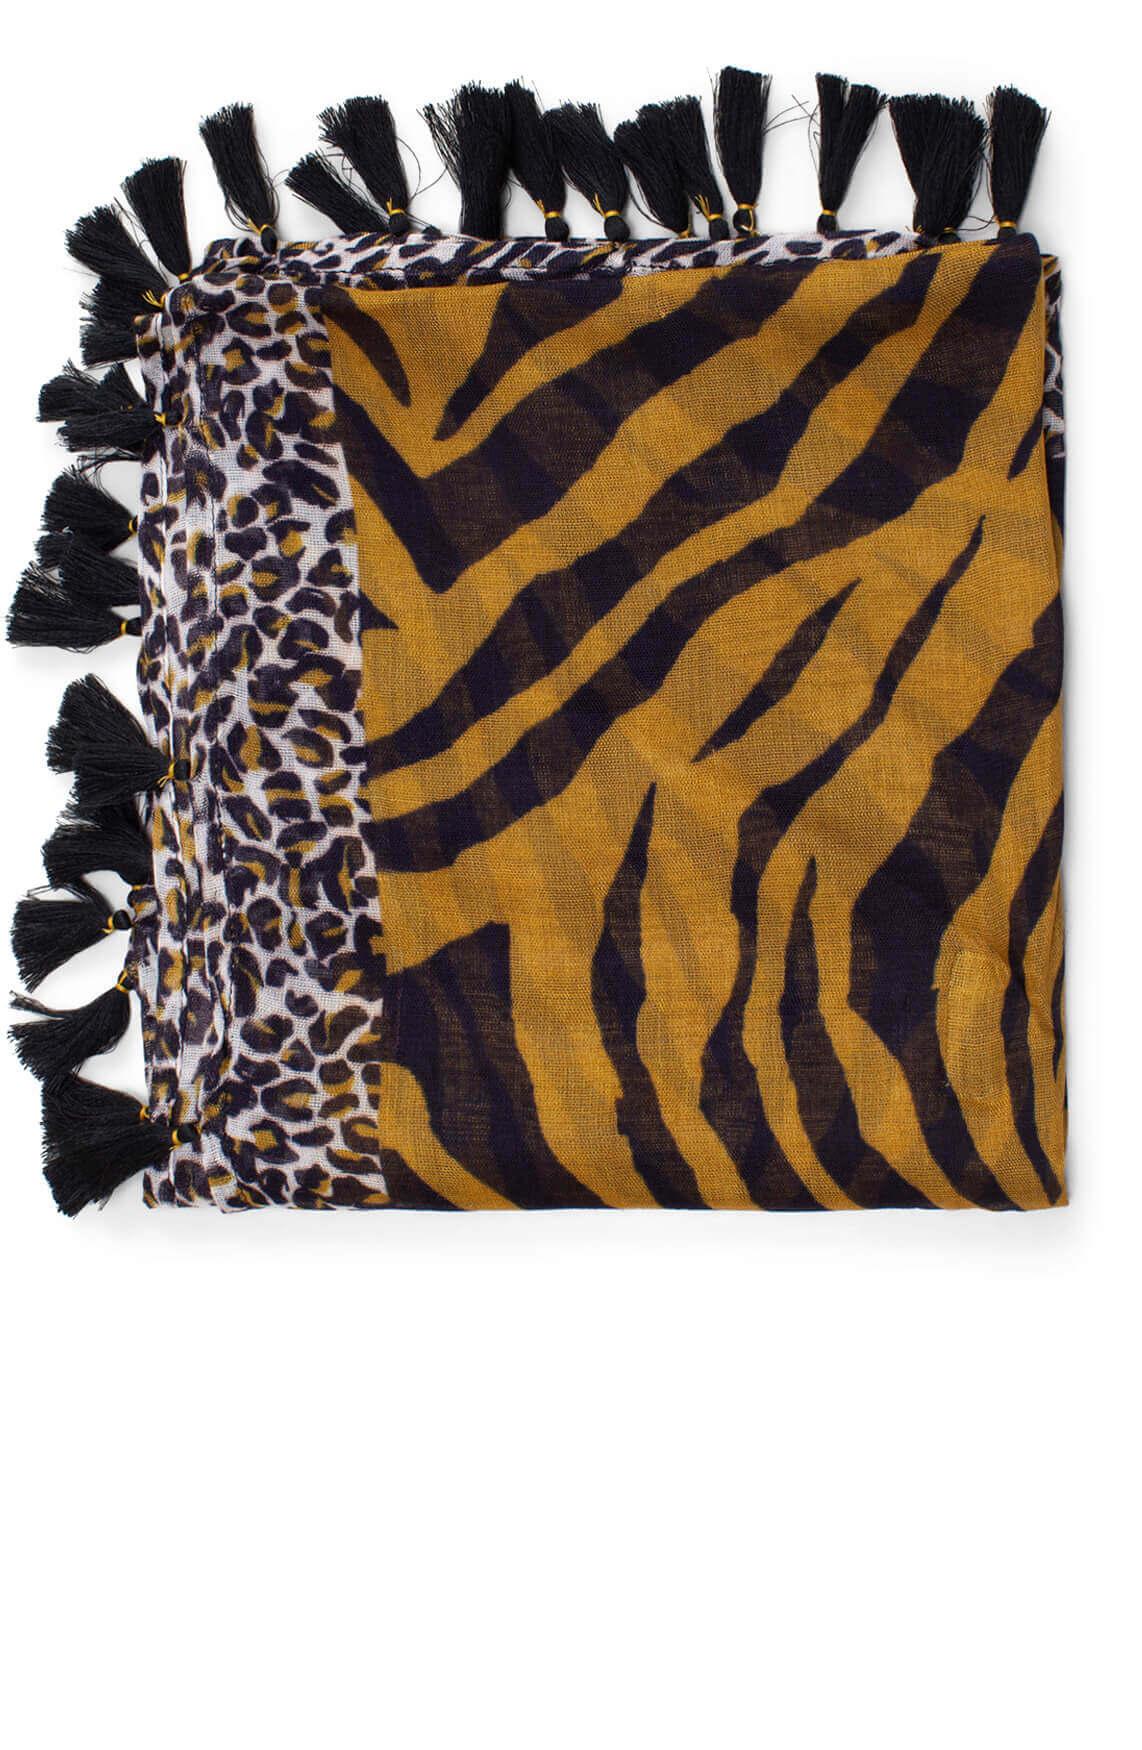 Anna Dames Geprinte shawl zwart